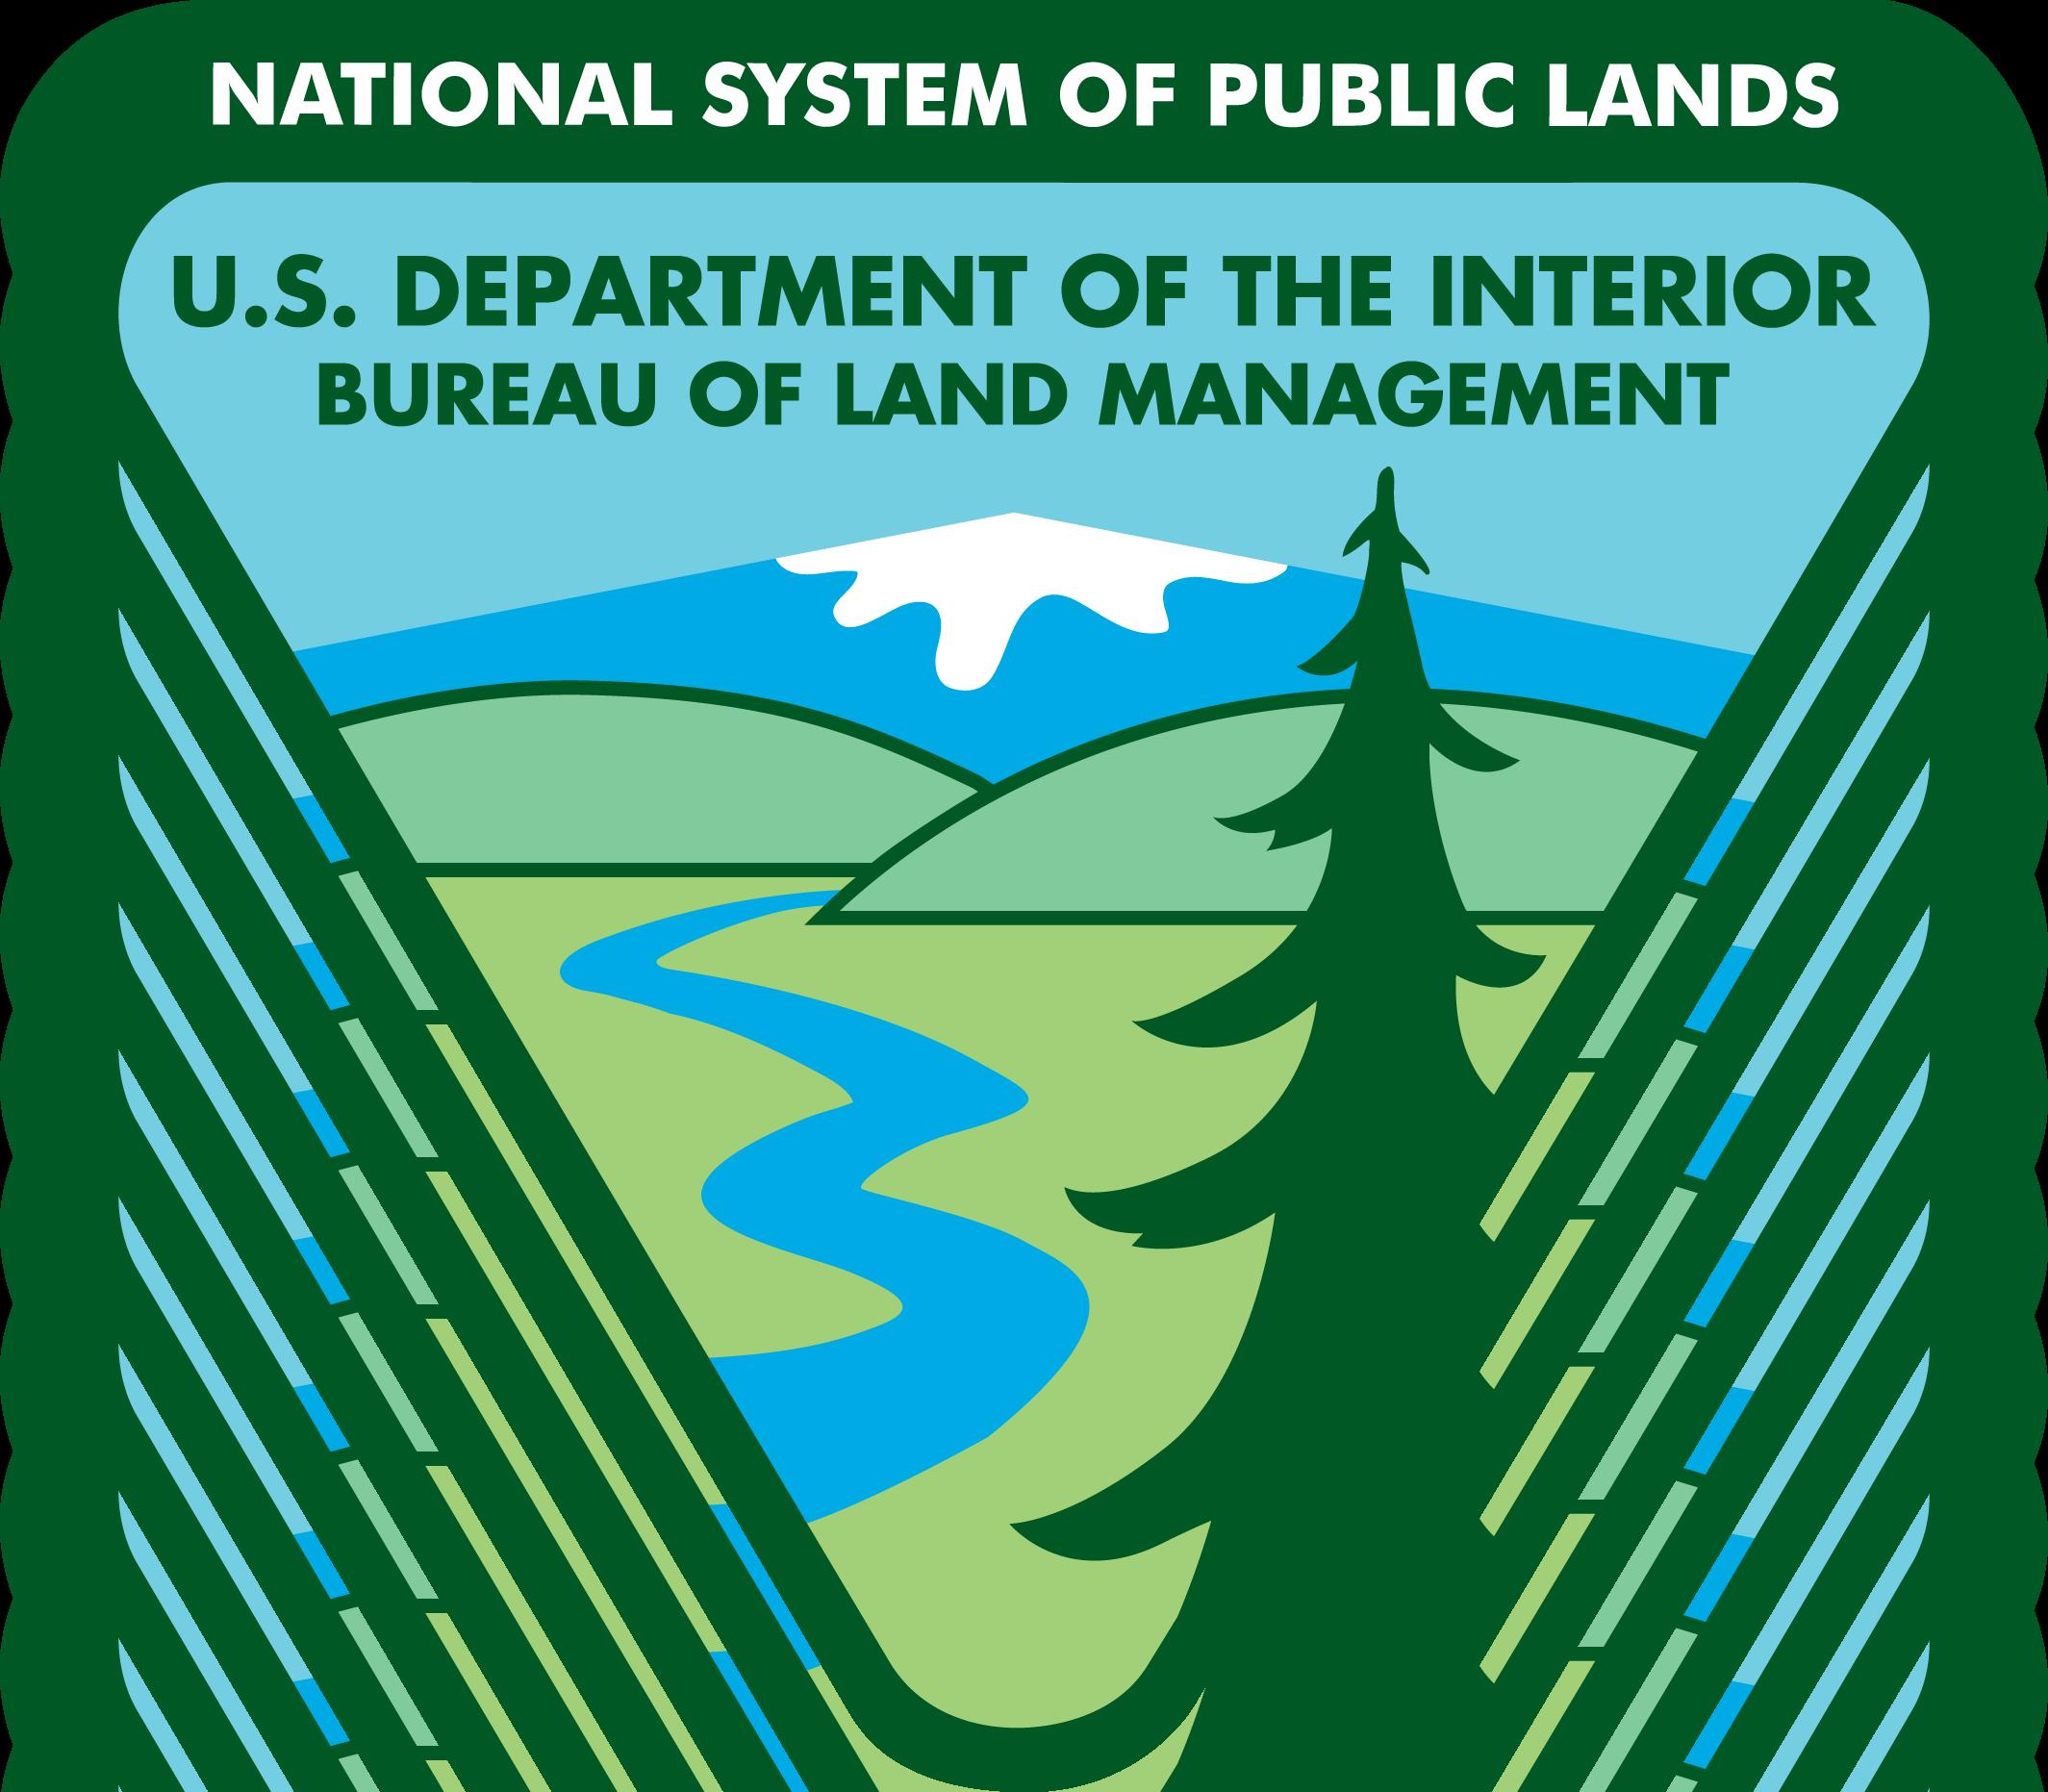 bureau of land management u s department of the interior